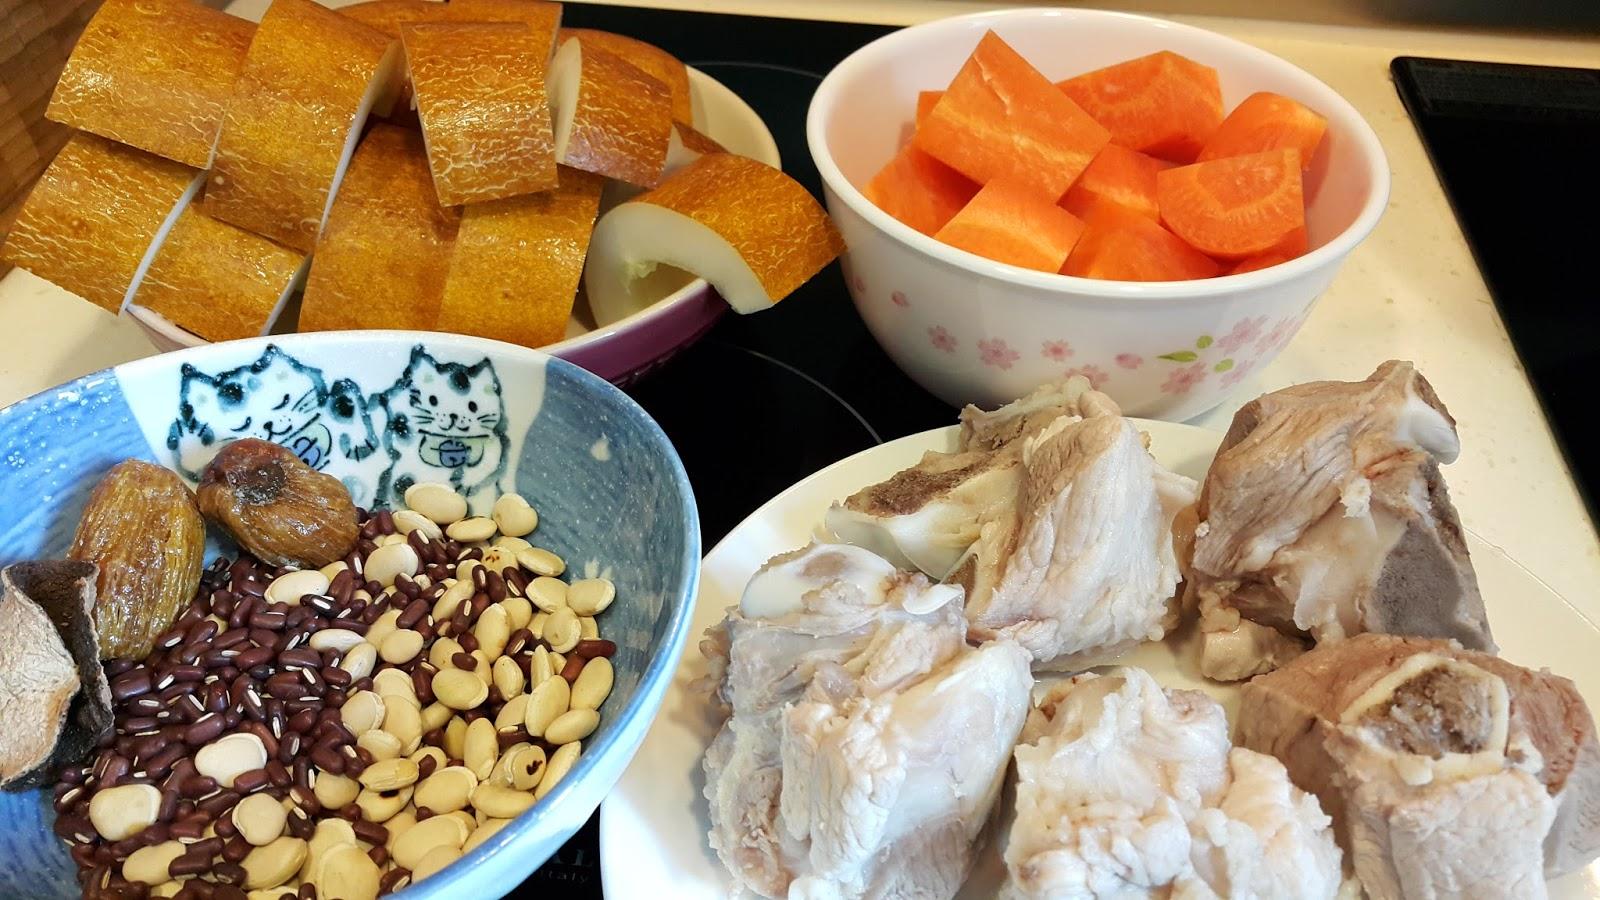 安妃之食譜: 老黃瓜赤小豆扁豆湯